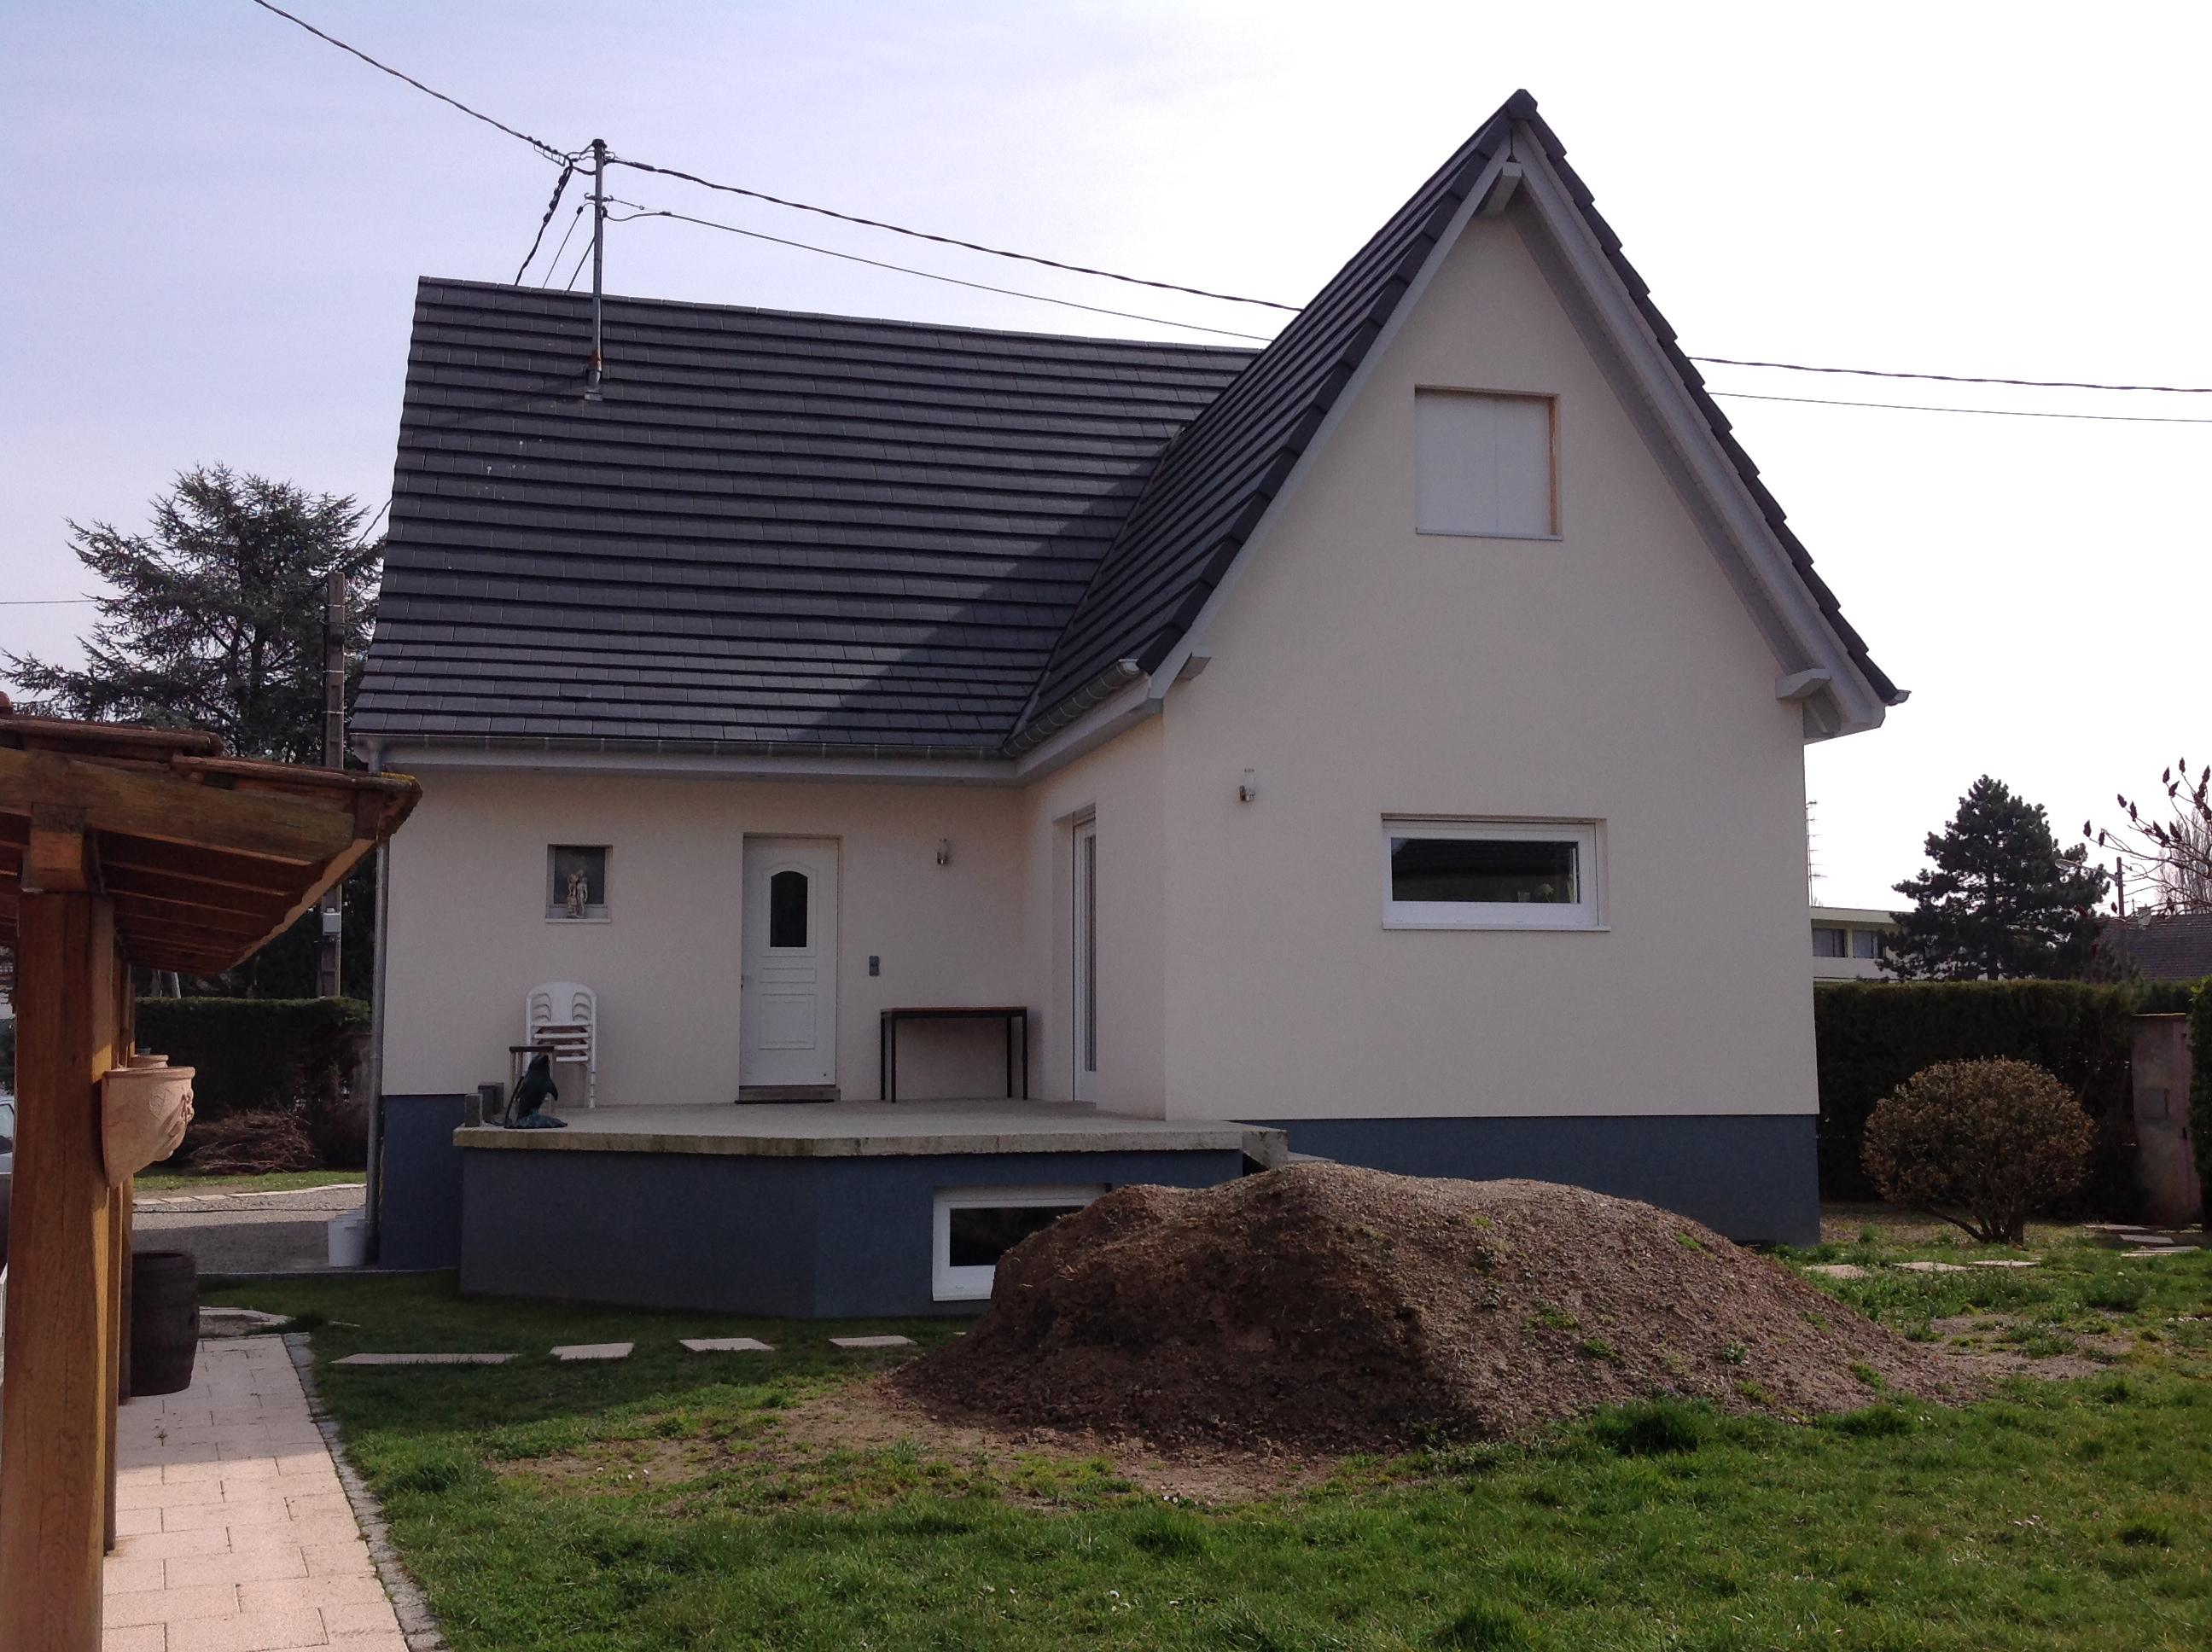 Extension avec toiture deux pans abt construction bois for Maison avec extension